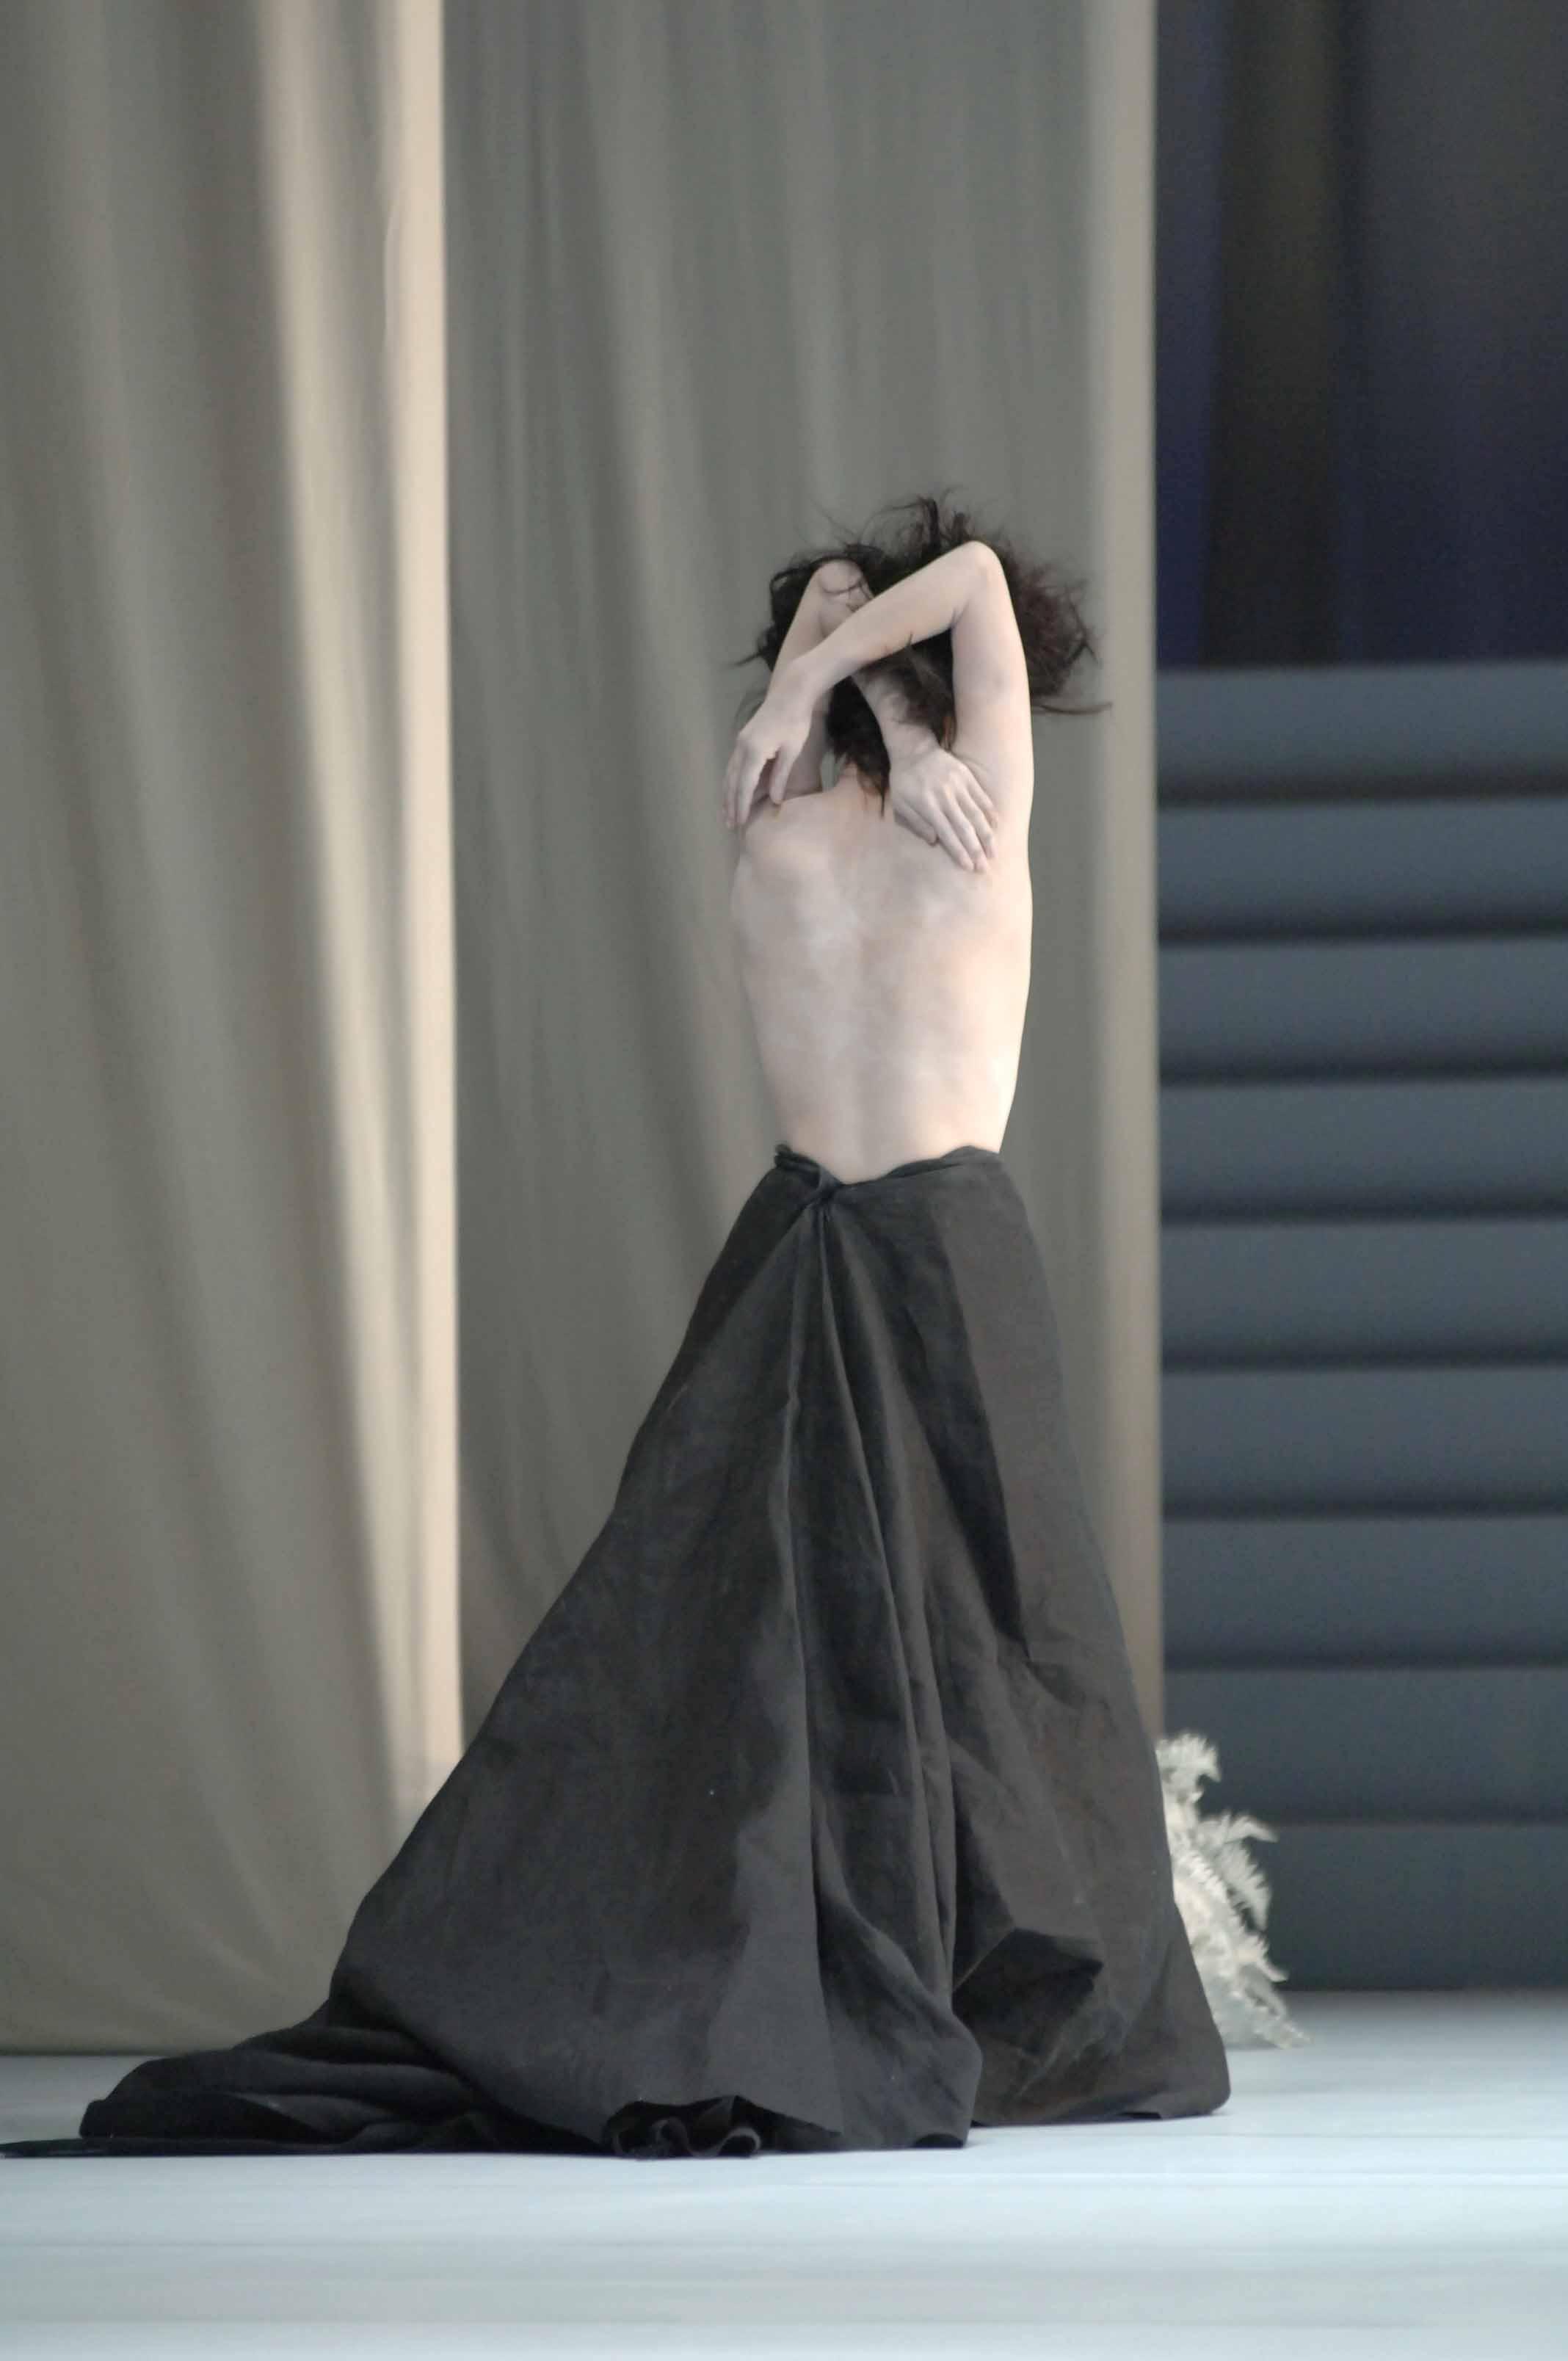 RAVENNA FESTIVAL 2012 - 500 Carnet omaggiovani con 5 opzioni di spettacolo